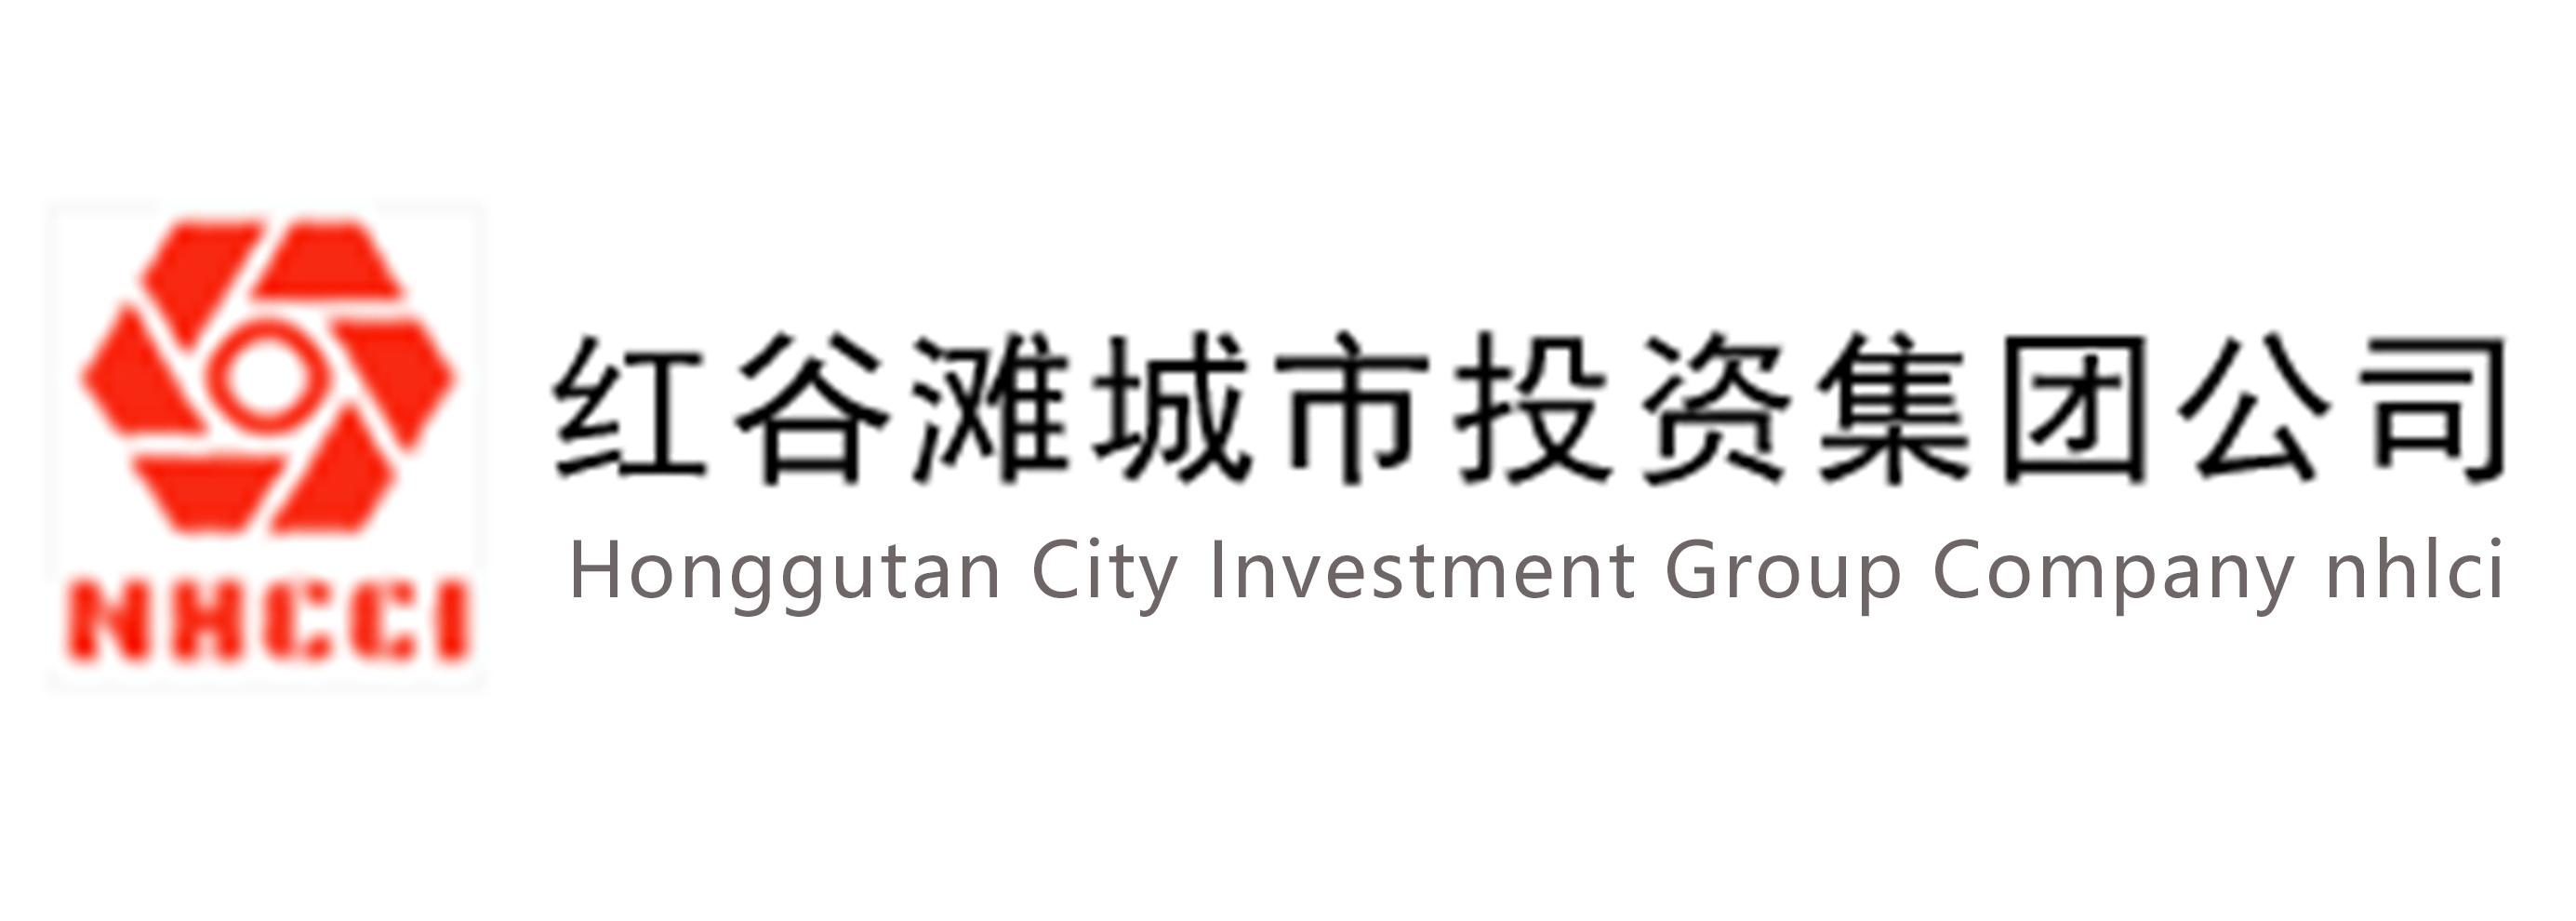 南昌市红谷滩城市投资集团有限公司